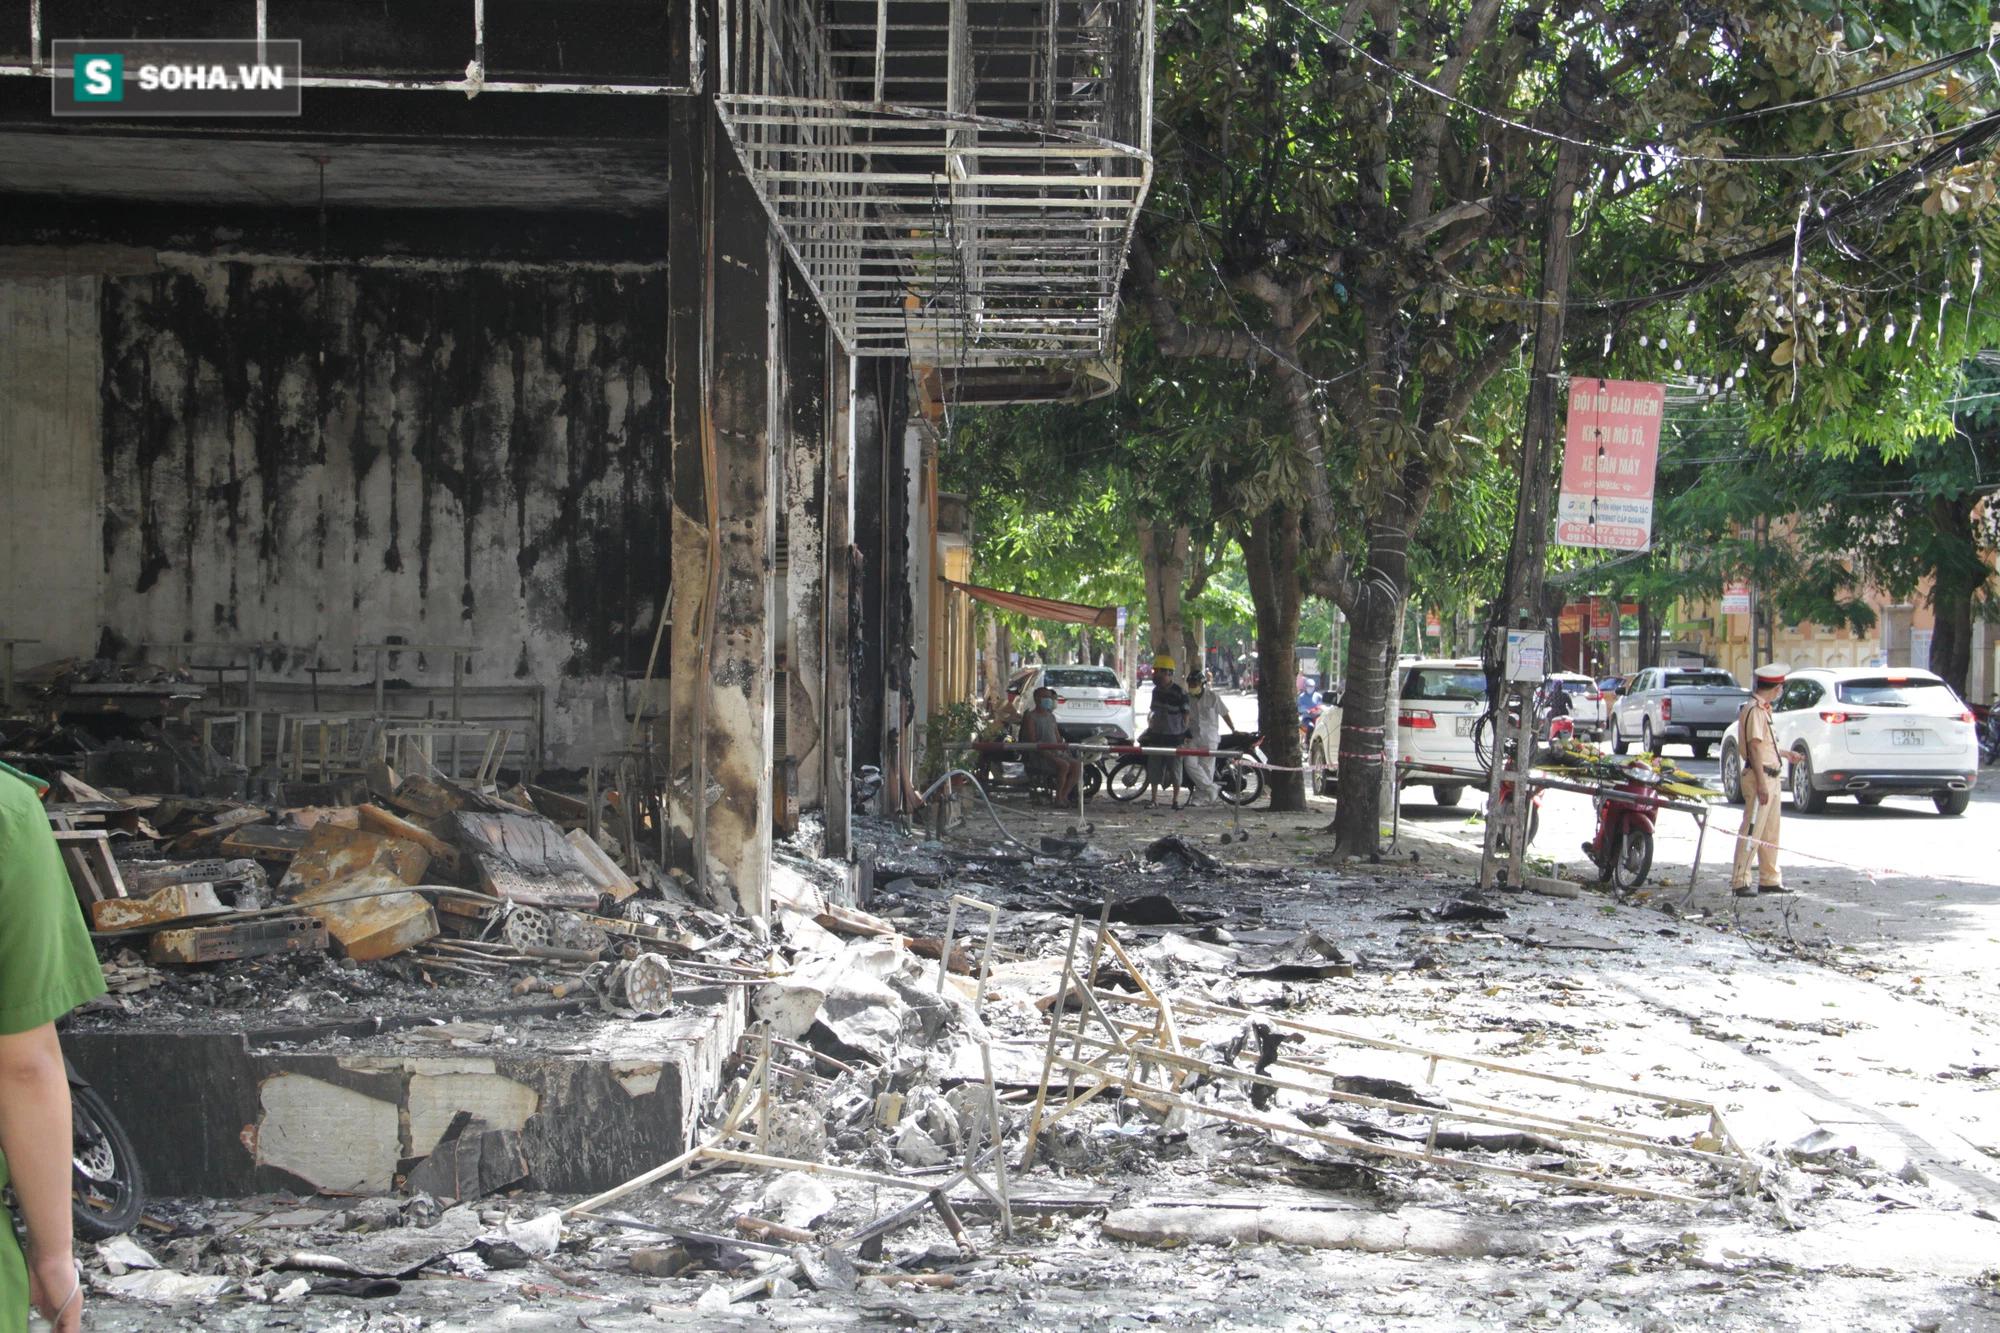 Cận cảnh hiện trường bên trong phòng trà bị cháy khiến 6 người tử vong ở Nghệ An - Ảnh 8.